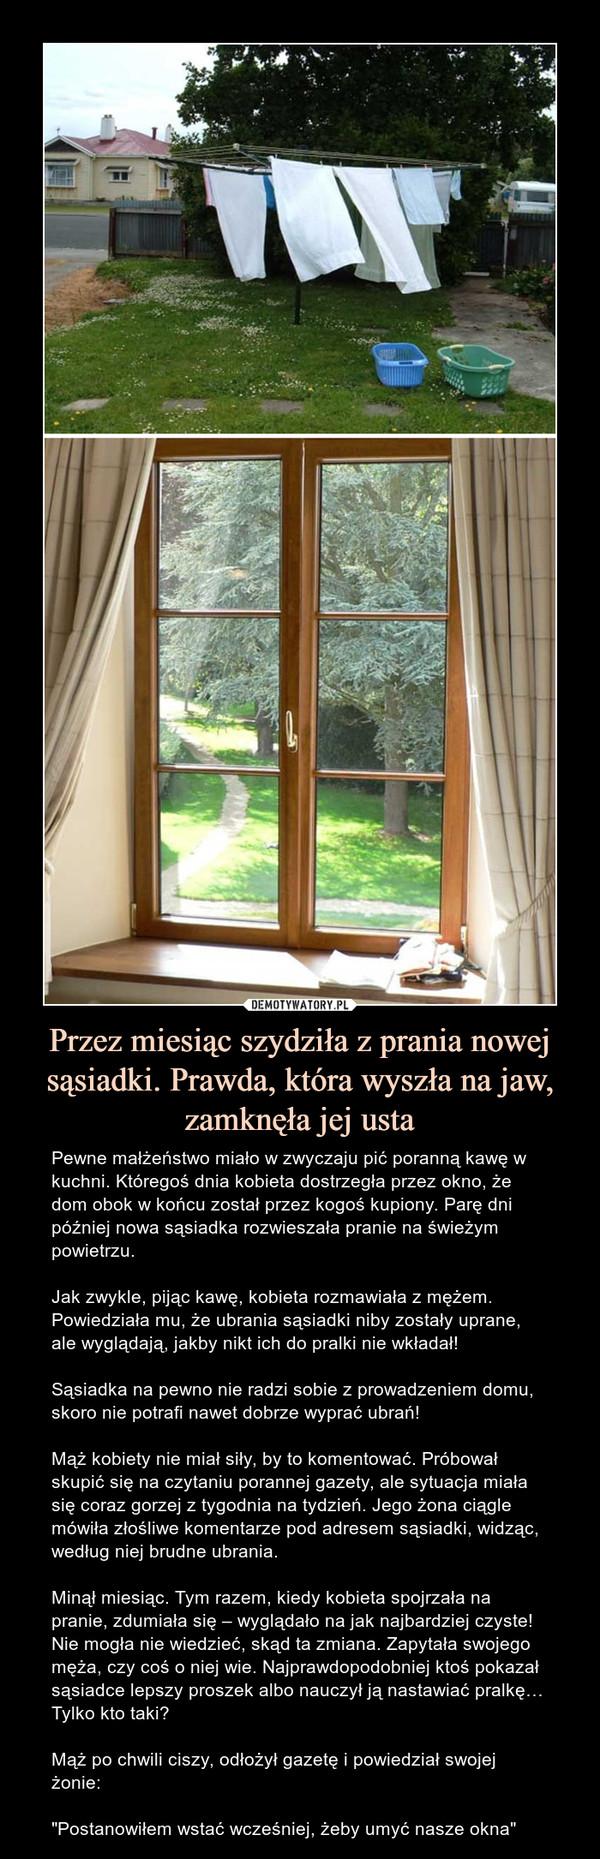 """Przez miesiąc szydziła z prania nowej sąsiadki. Prawda, która wyszła na jaw, zamknęła jej usta – Pewne małżeństwo miało w zwyczaju pić poranną kawę w kuchni. Któregoś dnia kobieta dostrzegła przez okno, że dom obok w końcu został przez kogoś kupiony. Parę dni później nowa sąsiadka rozwieszała pranie na świeżym powietrzu.Jak zwykle, pijąc kawę, kobieta rozmawiała z mężem. Powiedziała mu, że ubrania sąsiadki niby zostały uprane, ale wyglądają, jakby nikt ich do pralki nie wkładał!Sąsiadka na pewno nie radzi sobie z prowadzeniem domu, skoro nie potrafi nawet dobrze wyprać ubrań!Mąż kobiety nie miał siły, by to komentować. Próbował skupić się na czytaniu porannej gazety, ale sytuacja miała się coraz gorzej z tygodnia na tydzień. Jego żona ciągle mówiła złośliwe komentarze pod adresem sąsiadki, widząc, według niej brudne ubrania.Minął miesiąc. Tym razem, kiedy kobieta spojrzała na pranie, zdumiała się – wyglądało na jak najbardziej czyste! Nie mogła nie wiedzieć, skąd ta zmiana. Zapytała swojego męża, czy coś o niej wie. Najprawdopodobniej ktoś pokazał sąsiadce lepszy proszek albo nauczył ją nastawiać pralkę… Tylko kto taki?Mąż po chwili ciszy, odłożył gazetę i powiedział swojej żonie:""""Postanowiłem wstać wcześniej, żeby umyć nasze okna"""""""